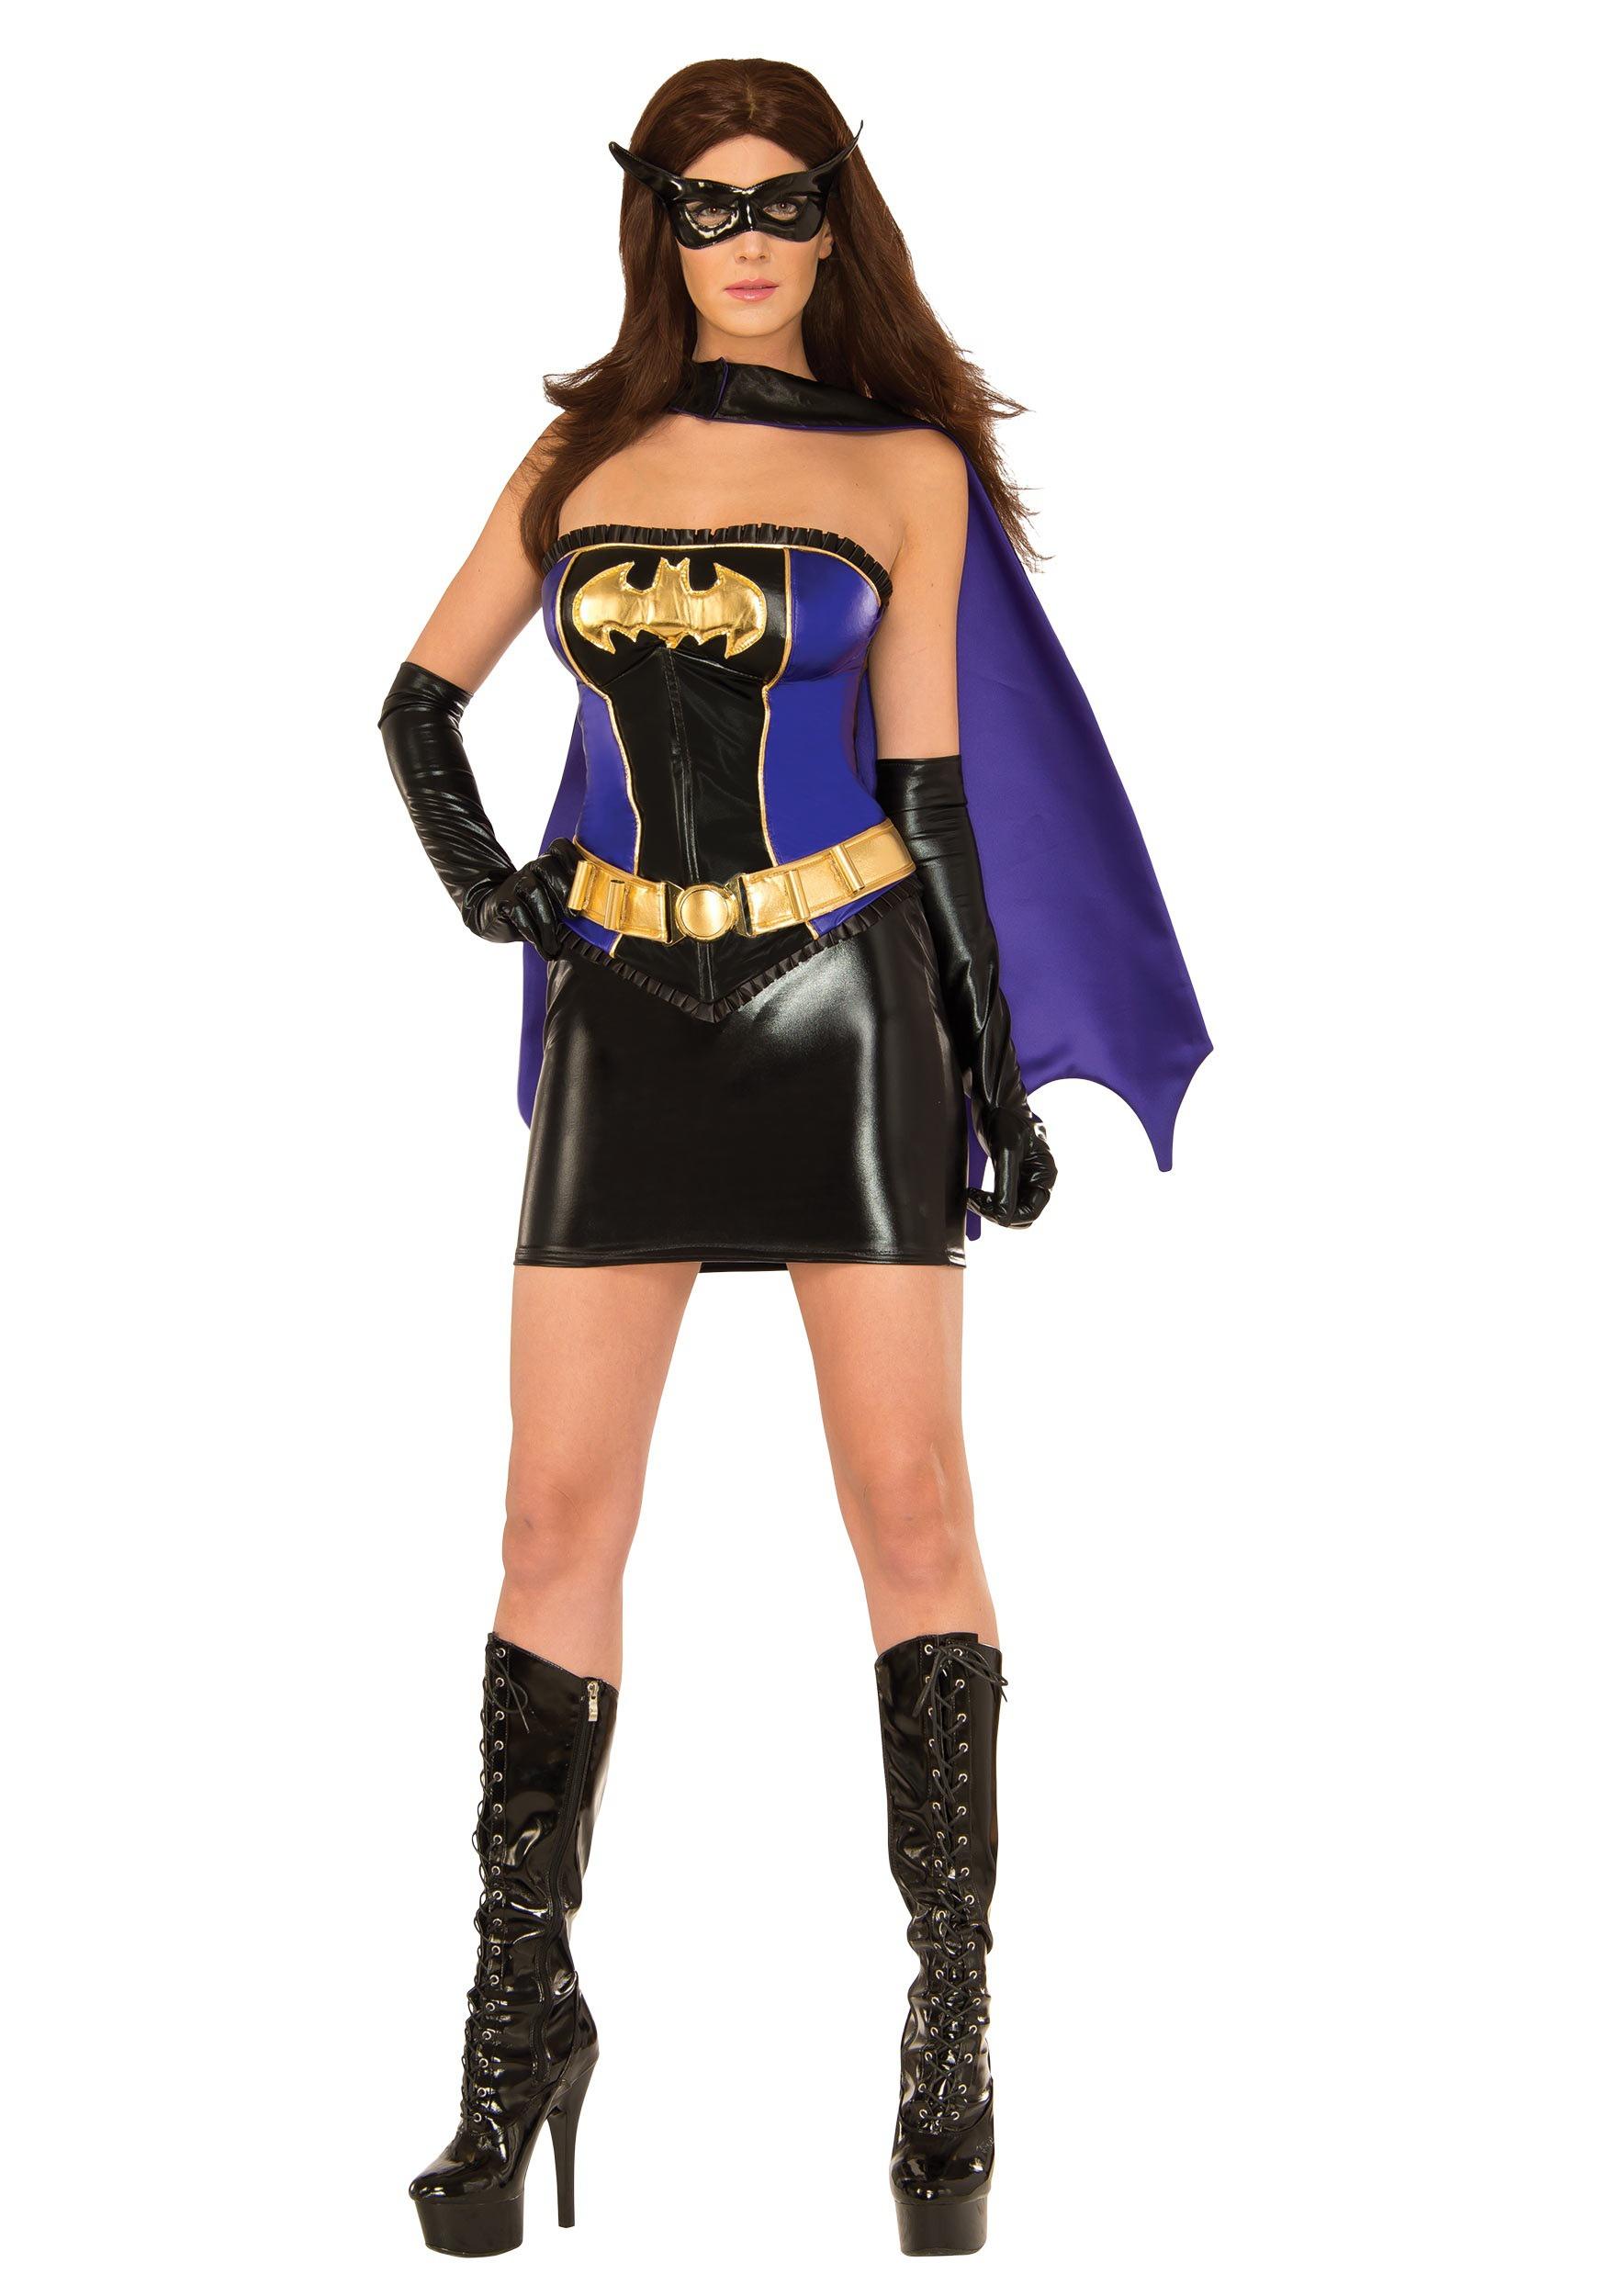 Women's Deluxe Batgirl Corset CostumeBatgirl Costumes